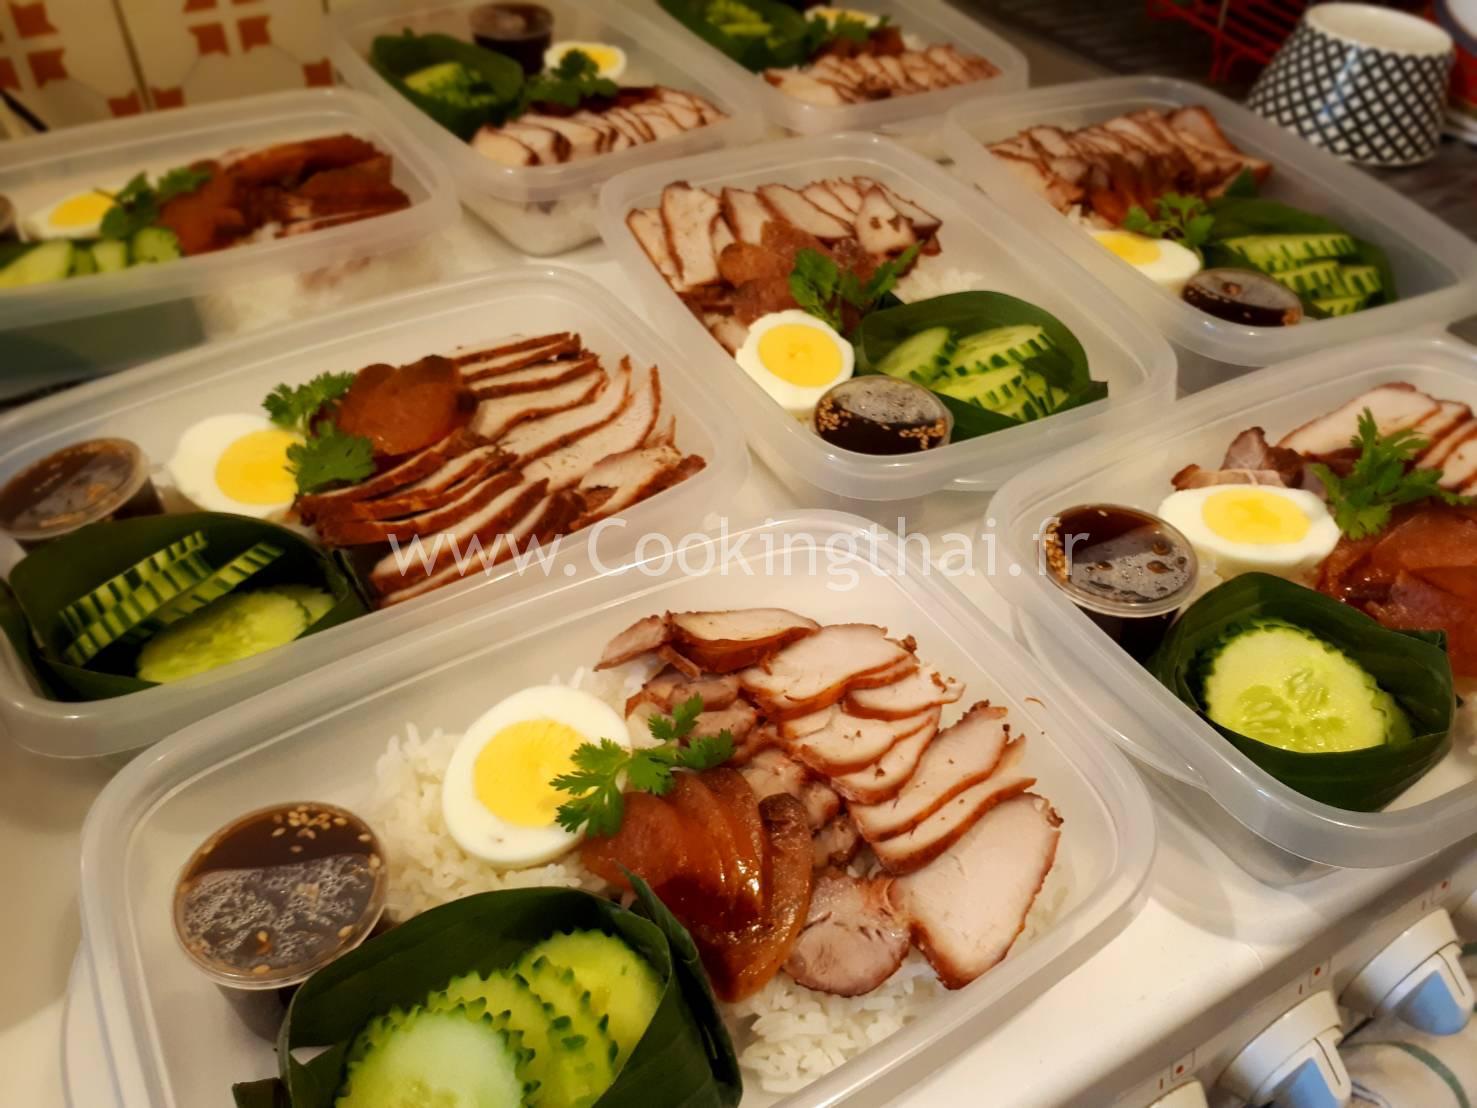 La gamelle : Porc barbecue sauce 5 épices (style chinois)